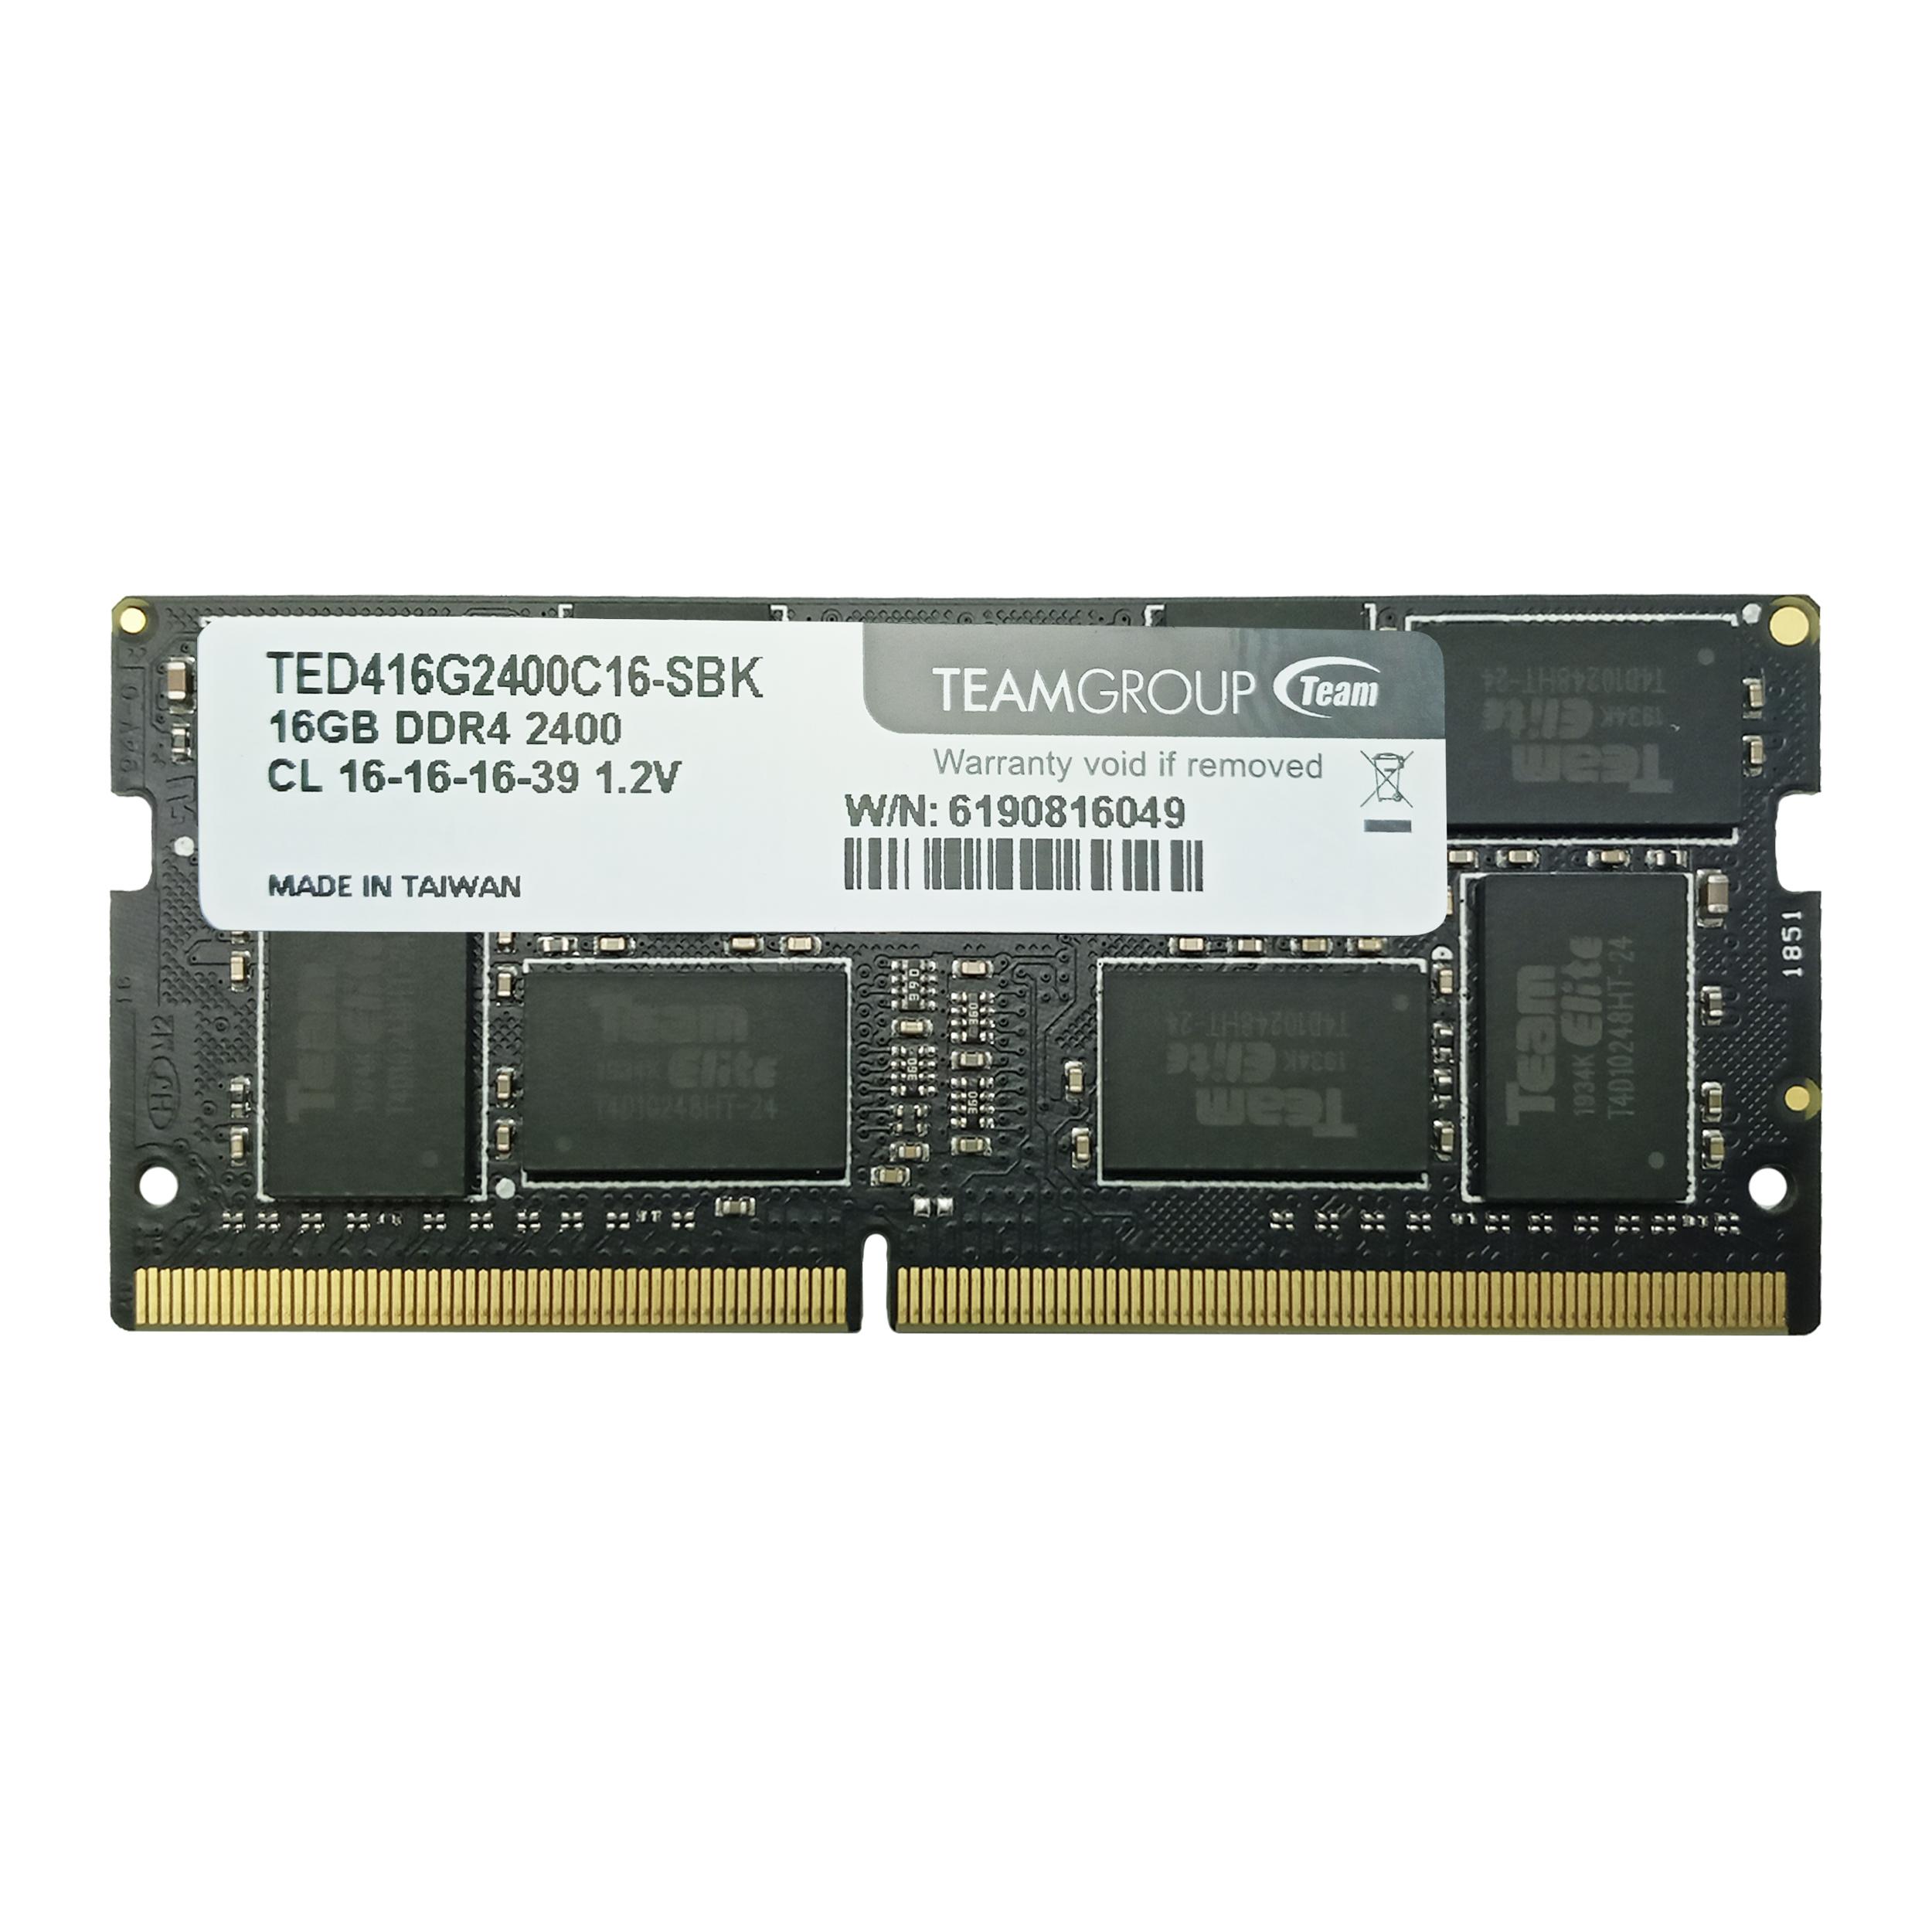 رم لپ تاپ DDR4 تک کاناله 2400 مگاهرتز CL16 تیم گروپ مدل Elite ظرفیت 16 گیگابایت